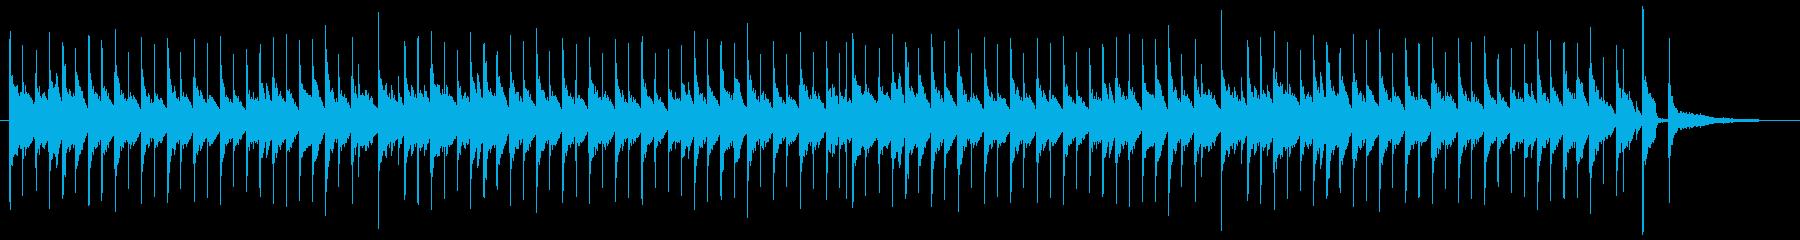 コミカルなサウンドのマーチの再生済みの波形